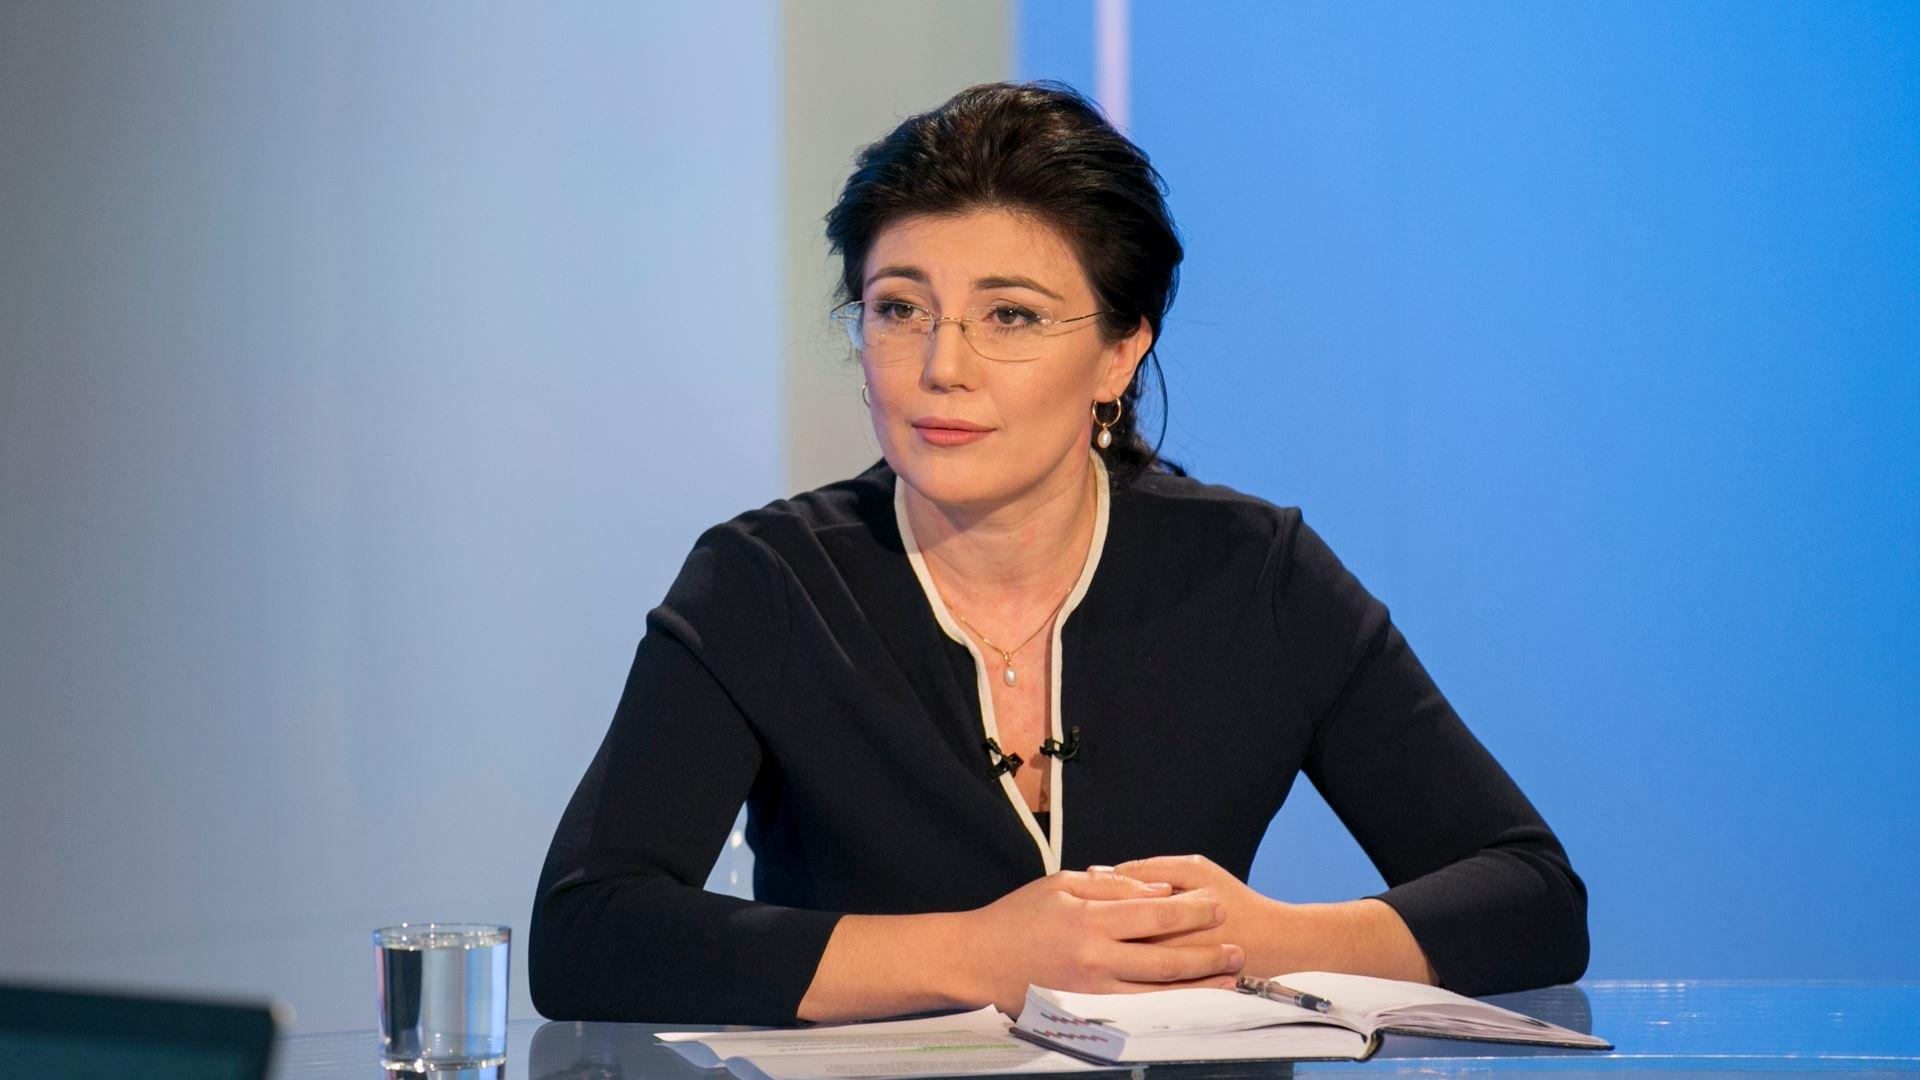 Сильвия Раду: Я очень хорошо подумаю, прежде чем согласиться на возможную должность премьер-министра